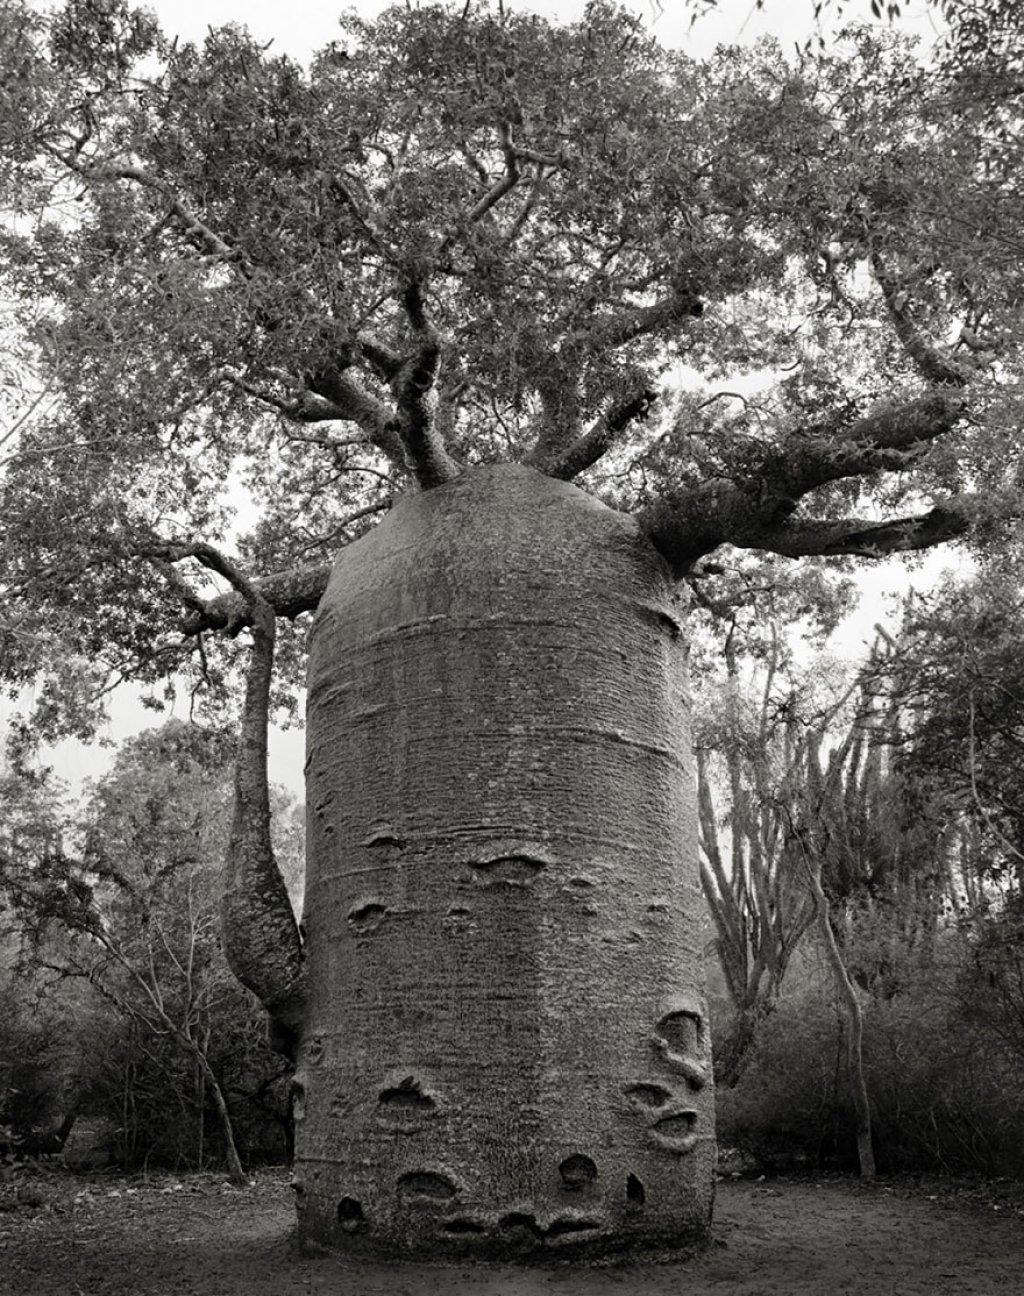 fotografías arboles antiguos por beth moon (9)